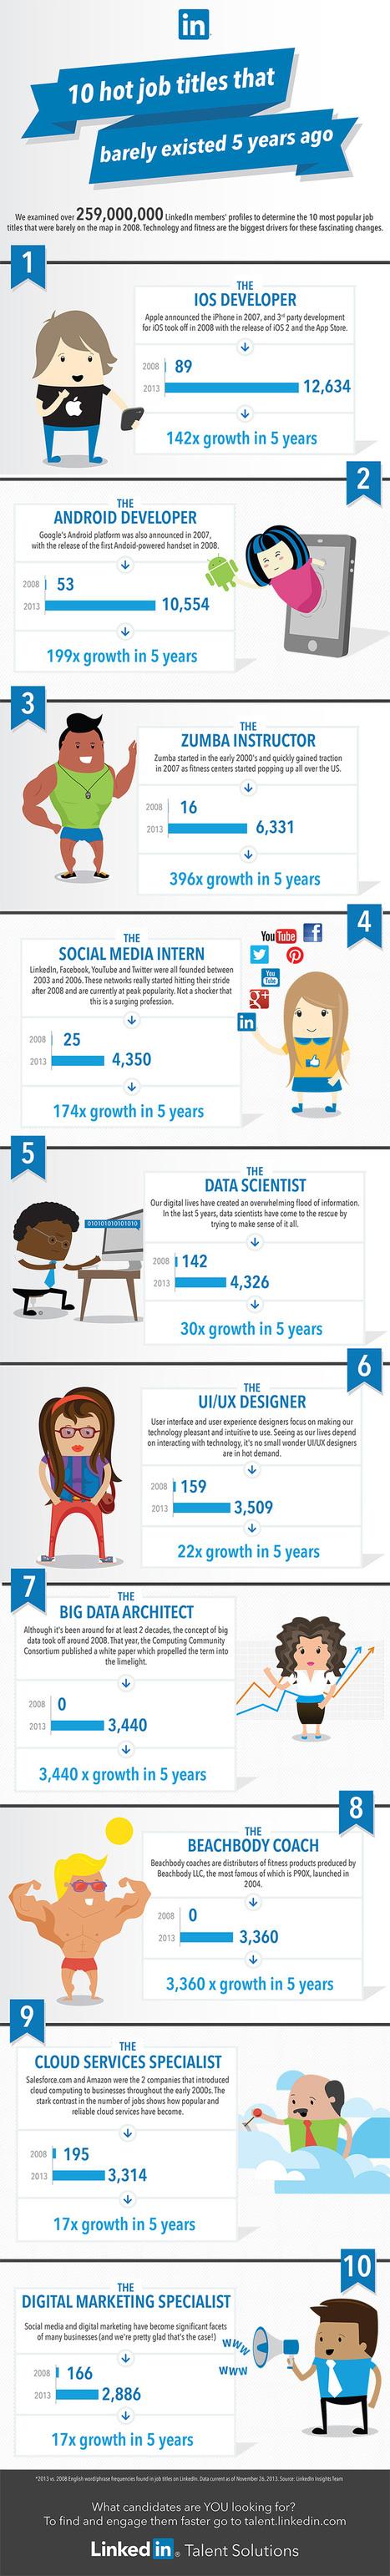 Top 10 trabajos que no existían hace 5 años #infografia #infographic   politica   Scoop.it